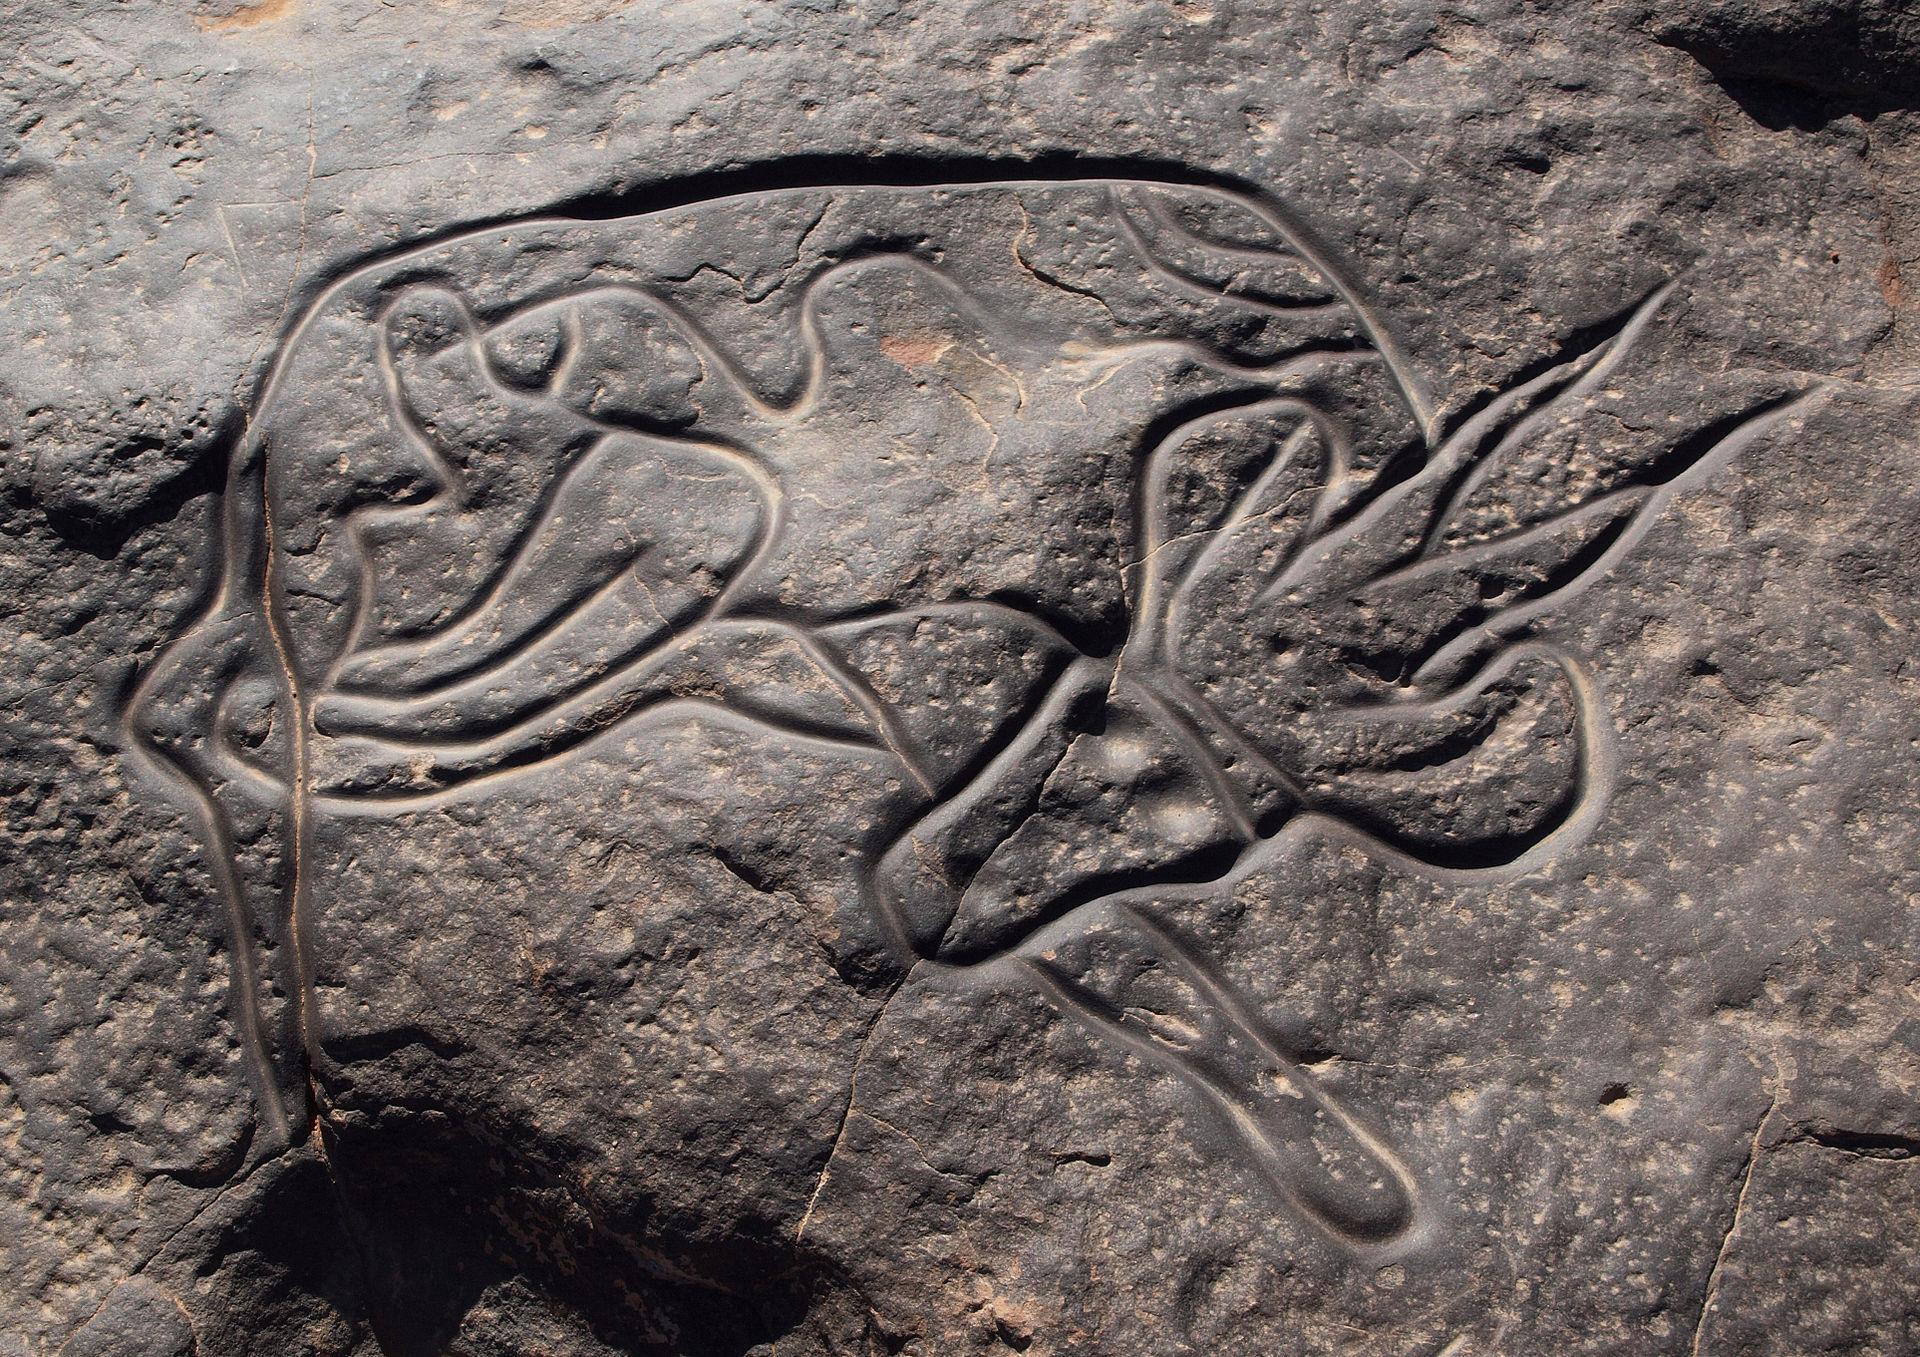 Наскальное изображение лежащей антилопы или газели. Тин-Тагирт, Тассилин-Аджер